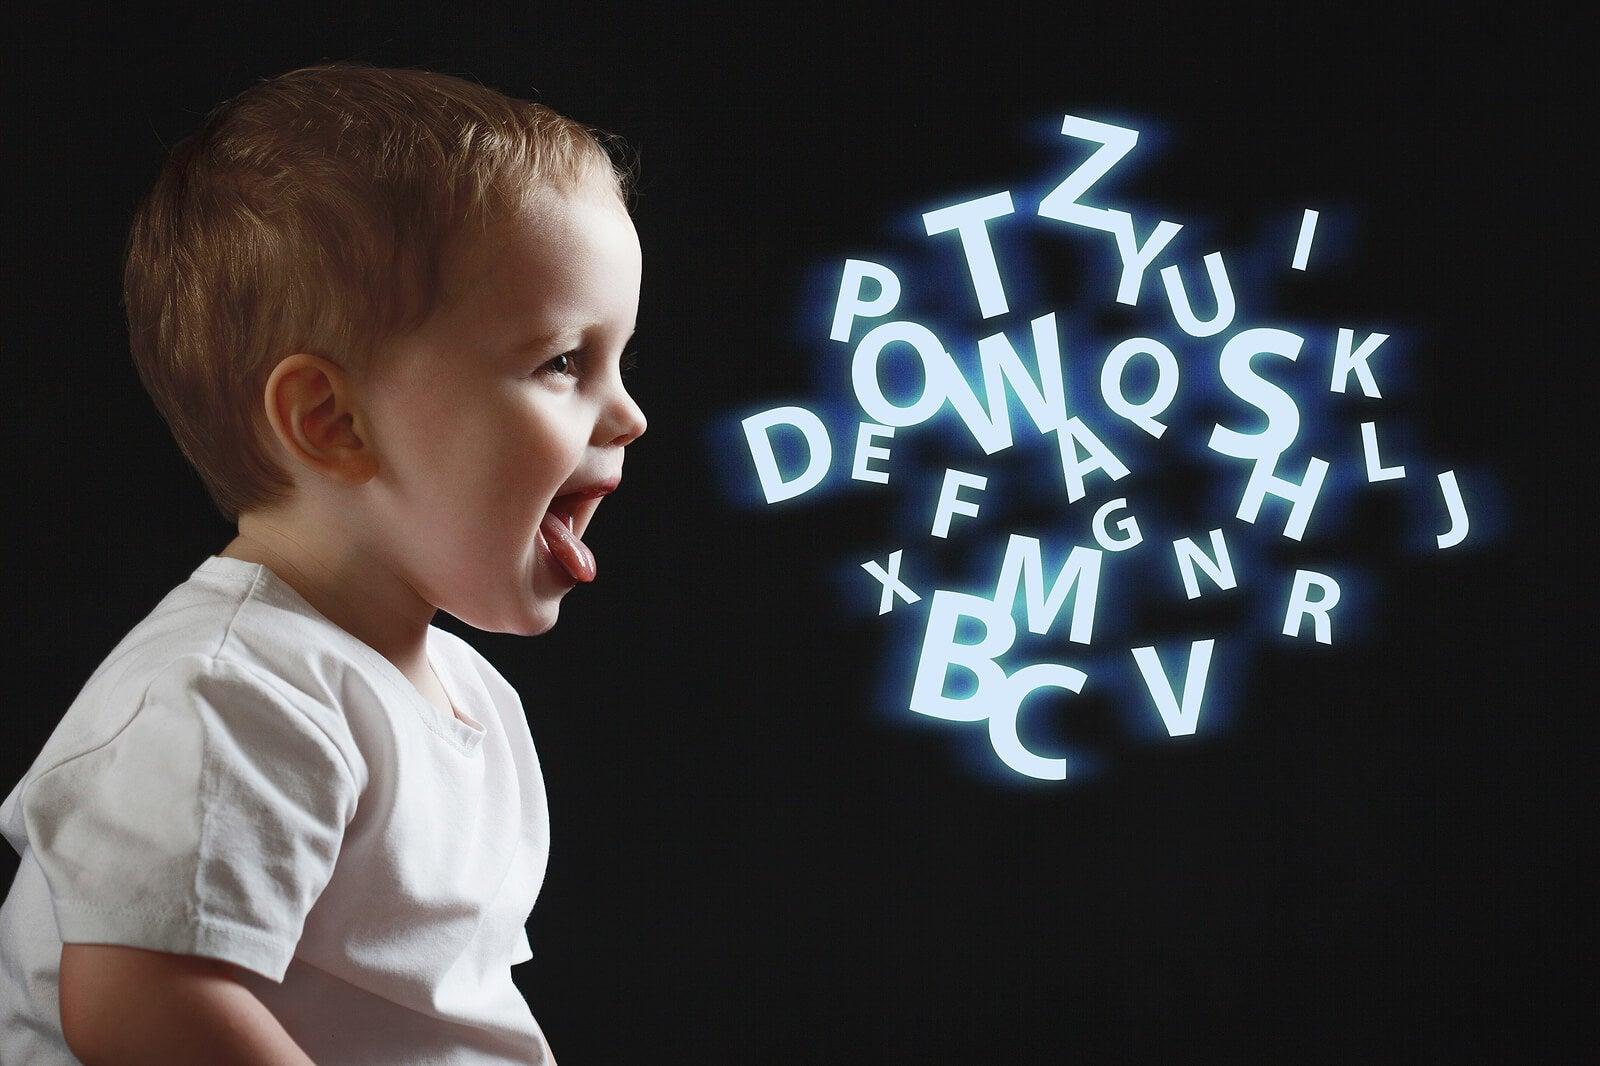 Niño de tres año hablando con letras escritas por el aire.